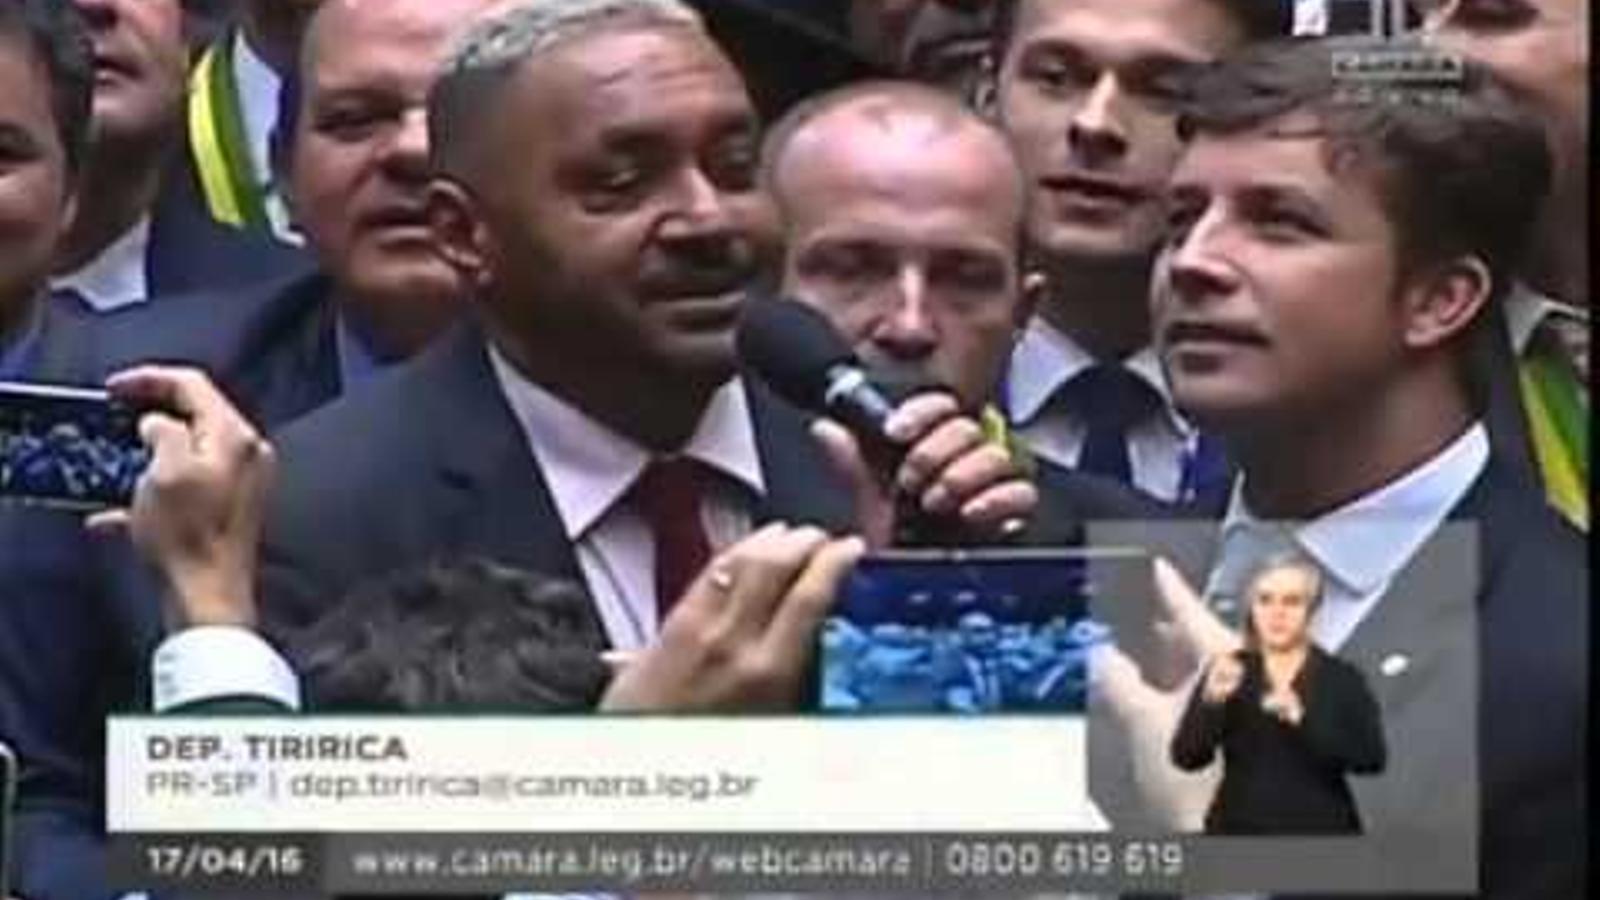 El vot que marca la diferència: Al diputat Tiririca li ha tocat el vot que ha determinat l'aprovació de l'impeachment de Rousseff al Congrés